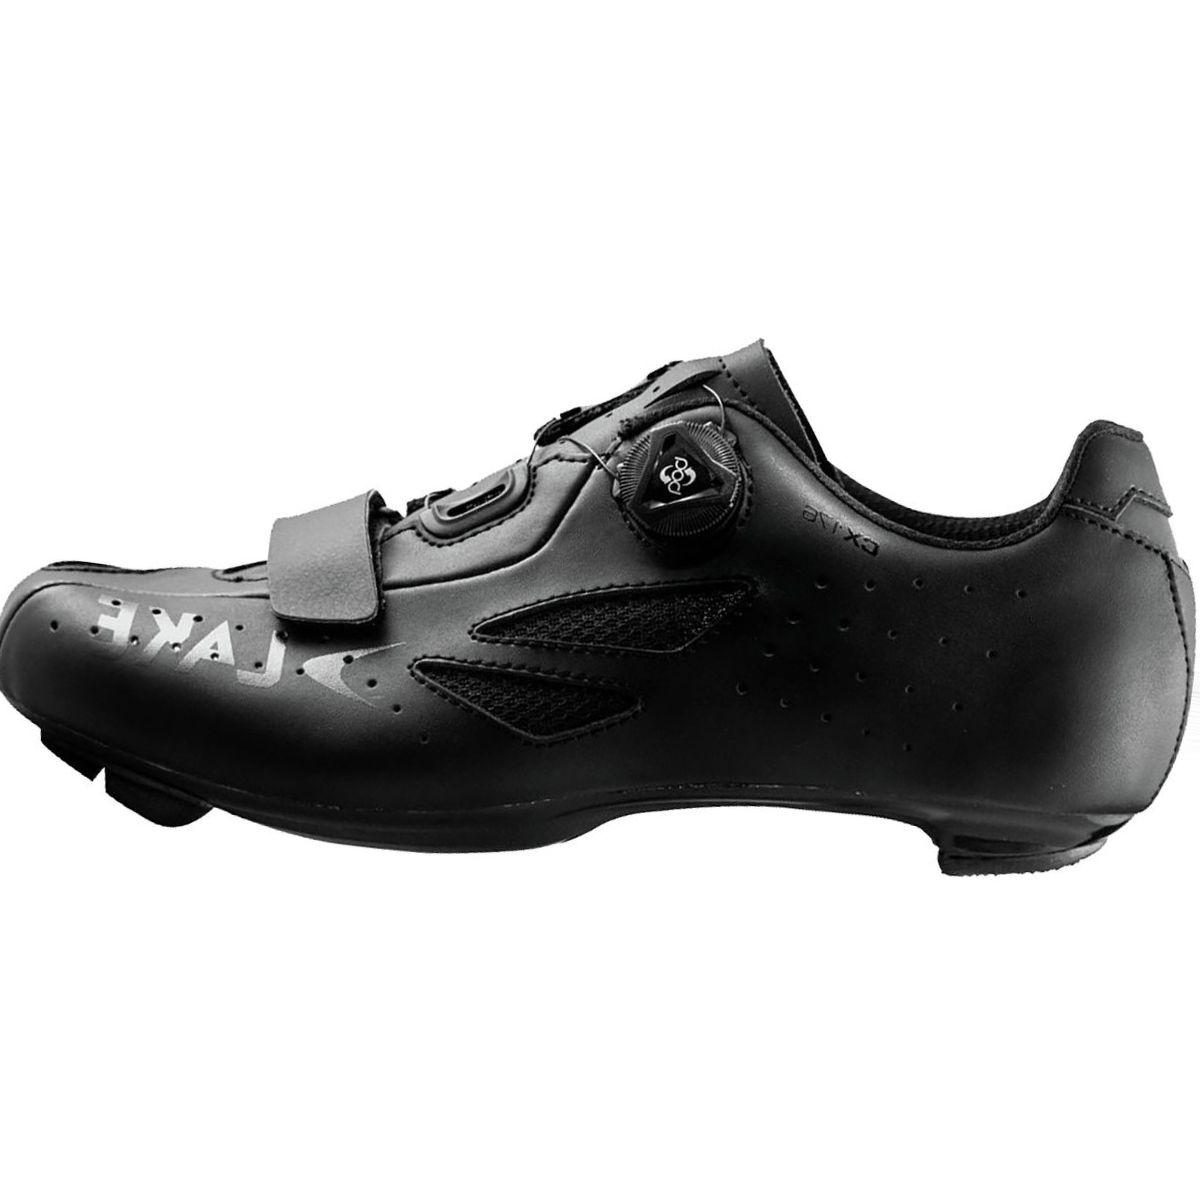 Lake CX176 Cycling Shoe - Men's